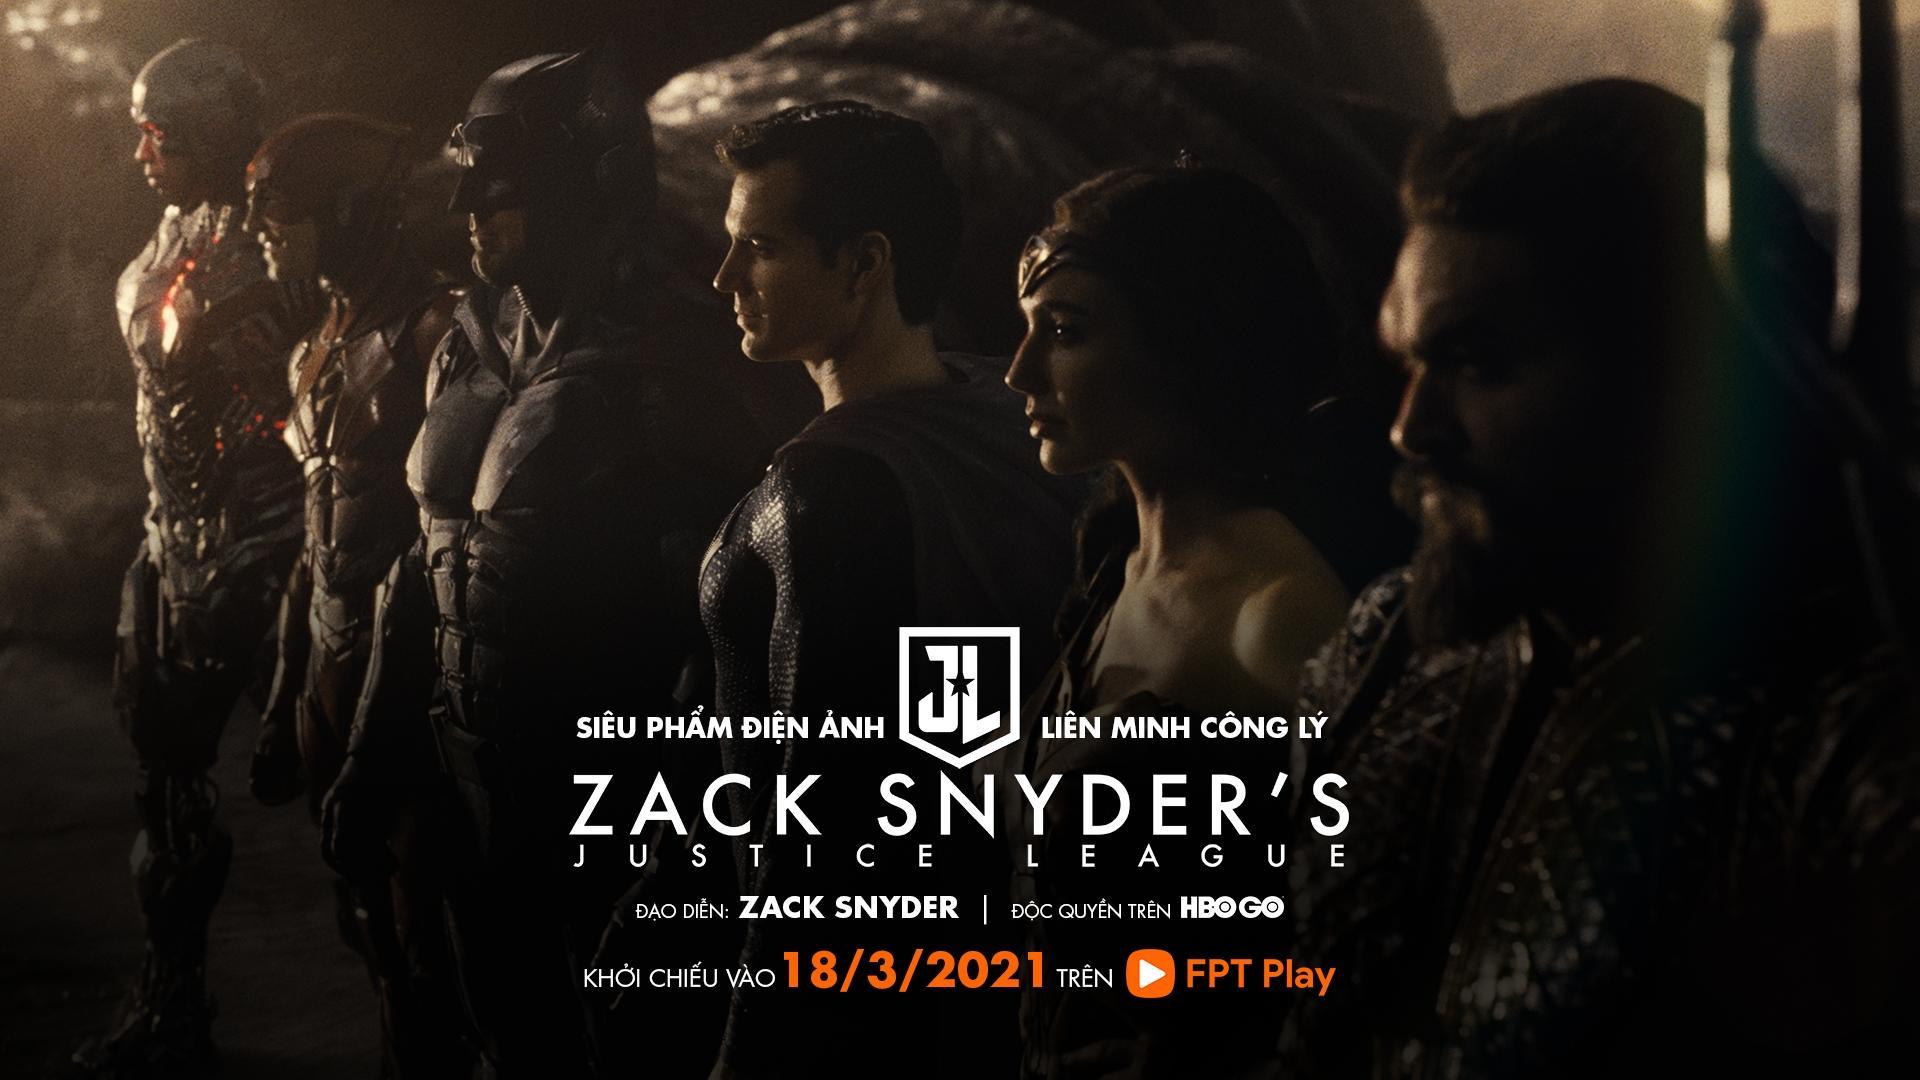 HBO Go trên FPT Play độc quyền công chiếu Justice League của Zack Snyder